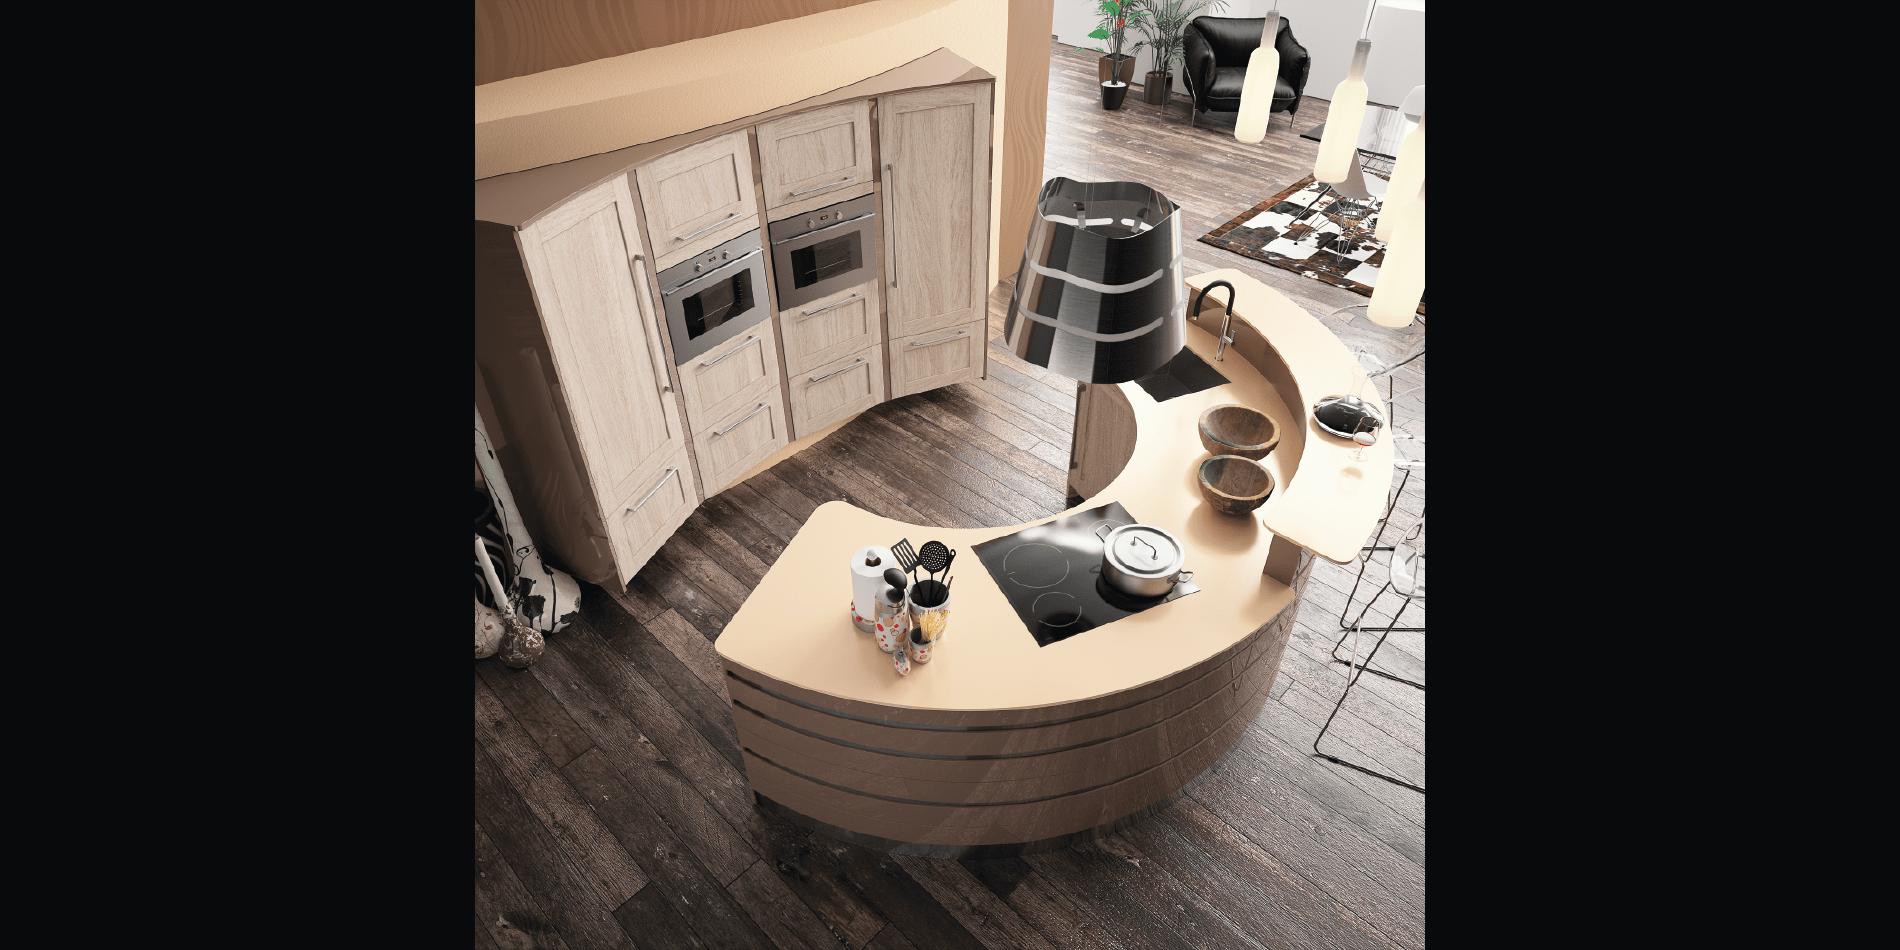 cuisine contemporaine metis de marque fran aise haut de gamme sur mesure. Black Bedroom Furniture Sets. Home Design Ideas